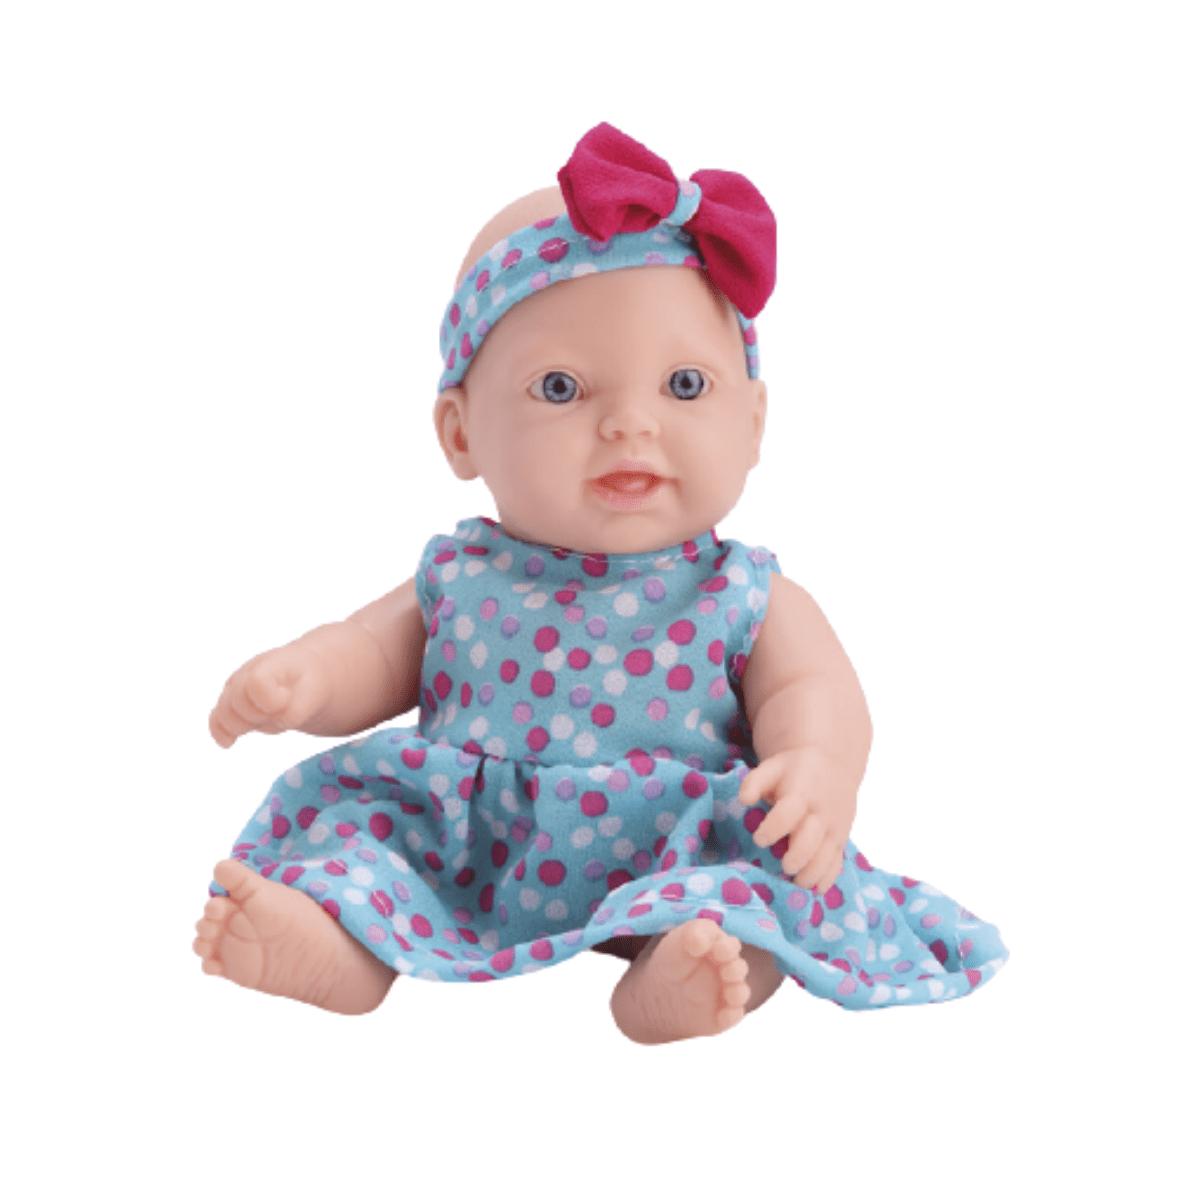 Boneca Toots Baby Xixi Com Acessórios - Bambola